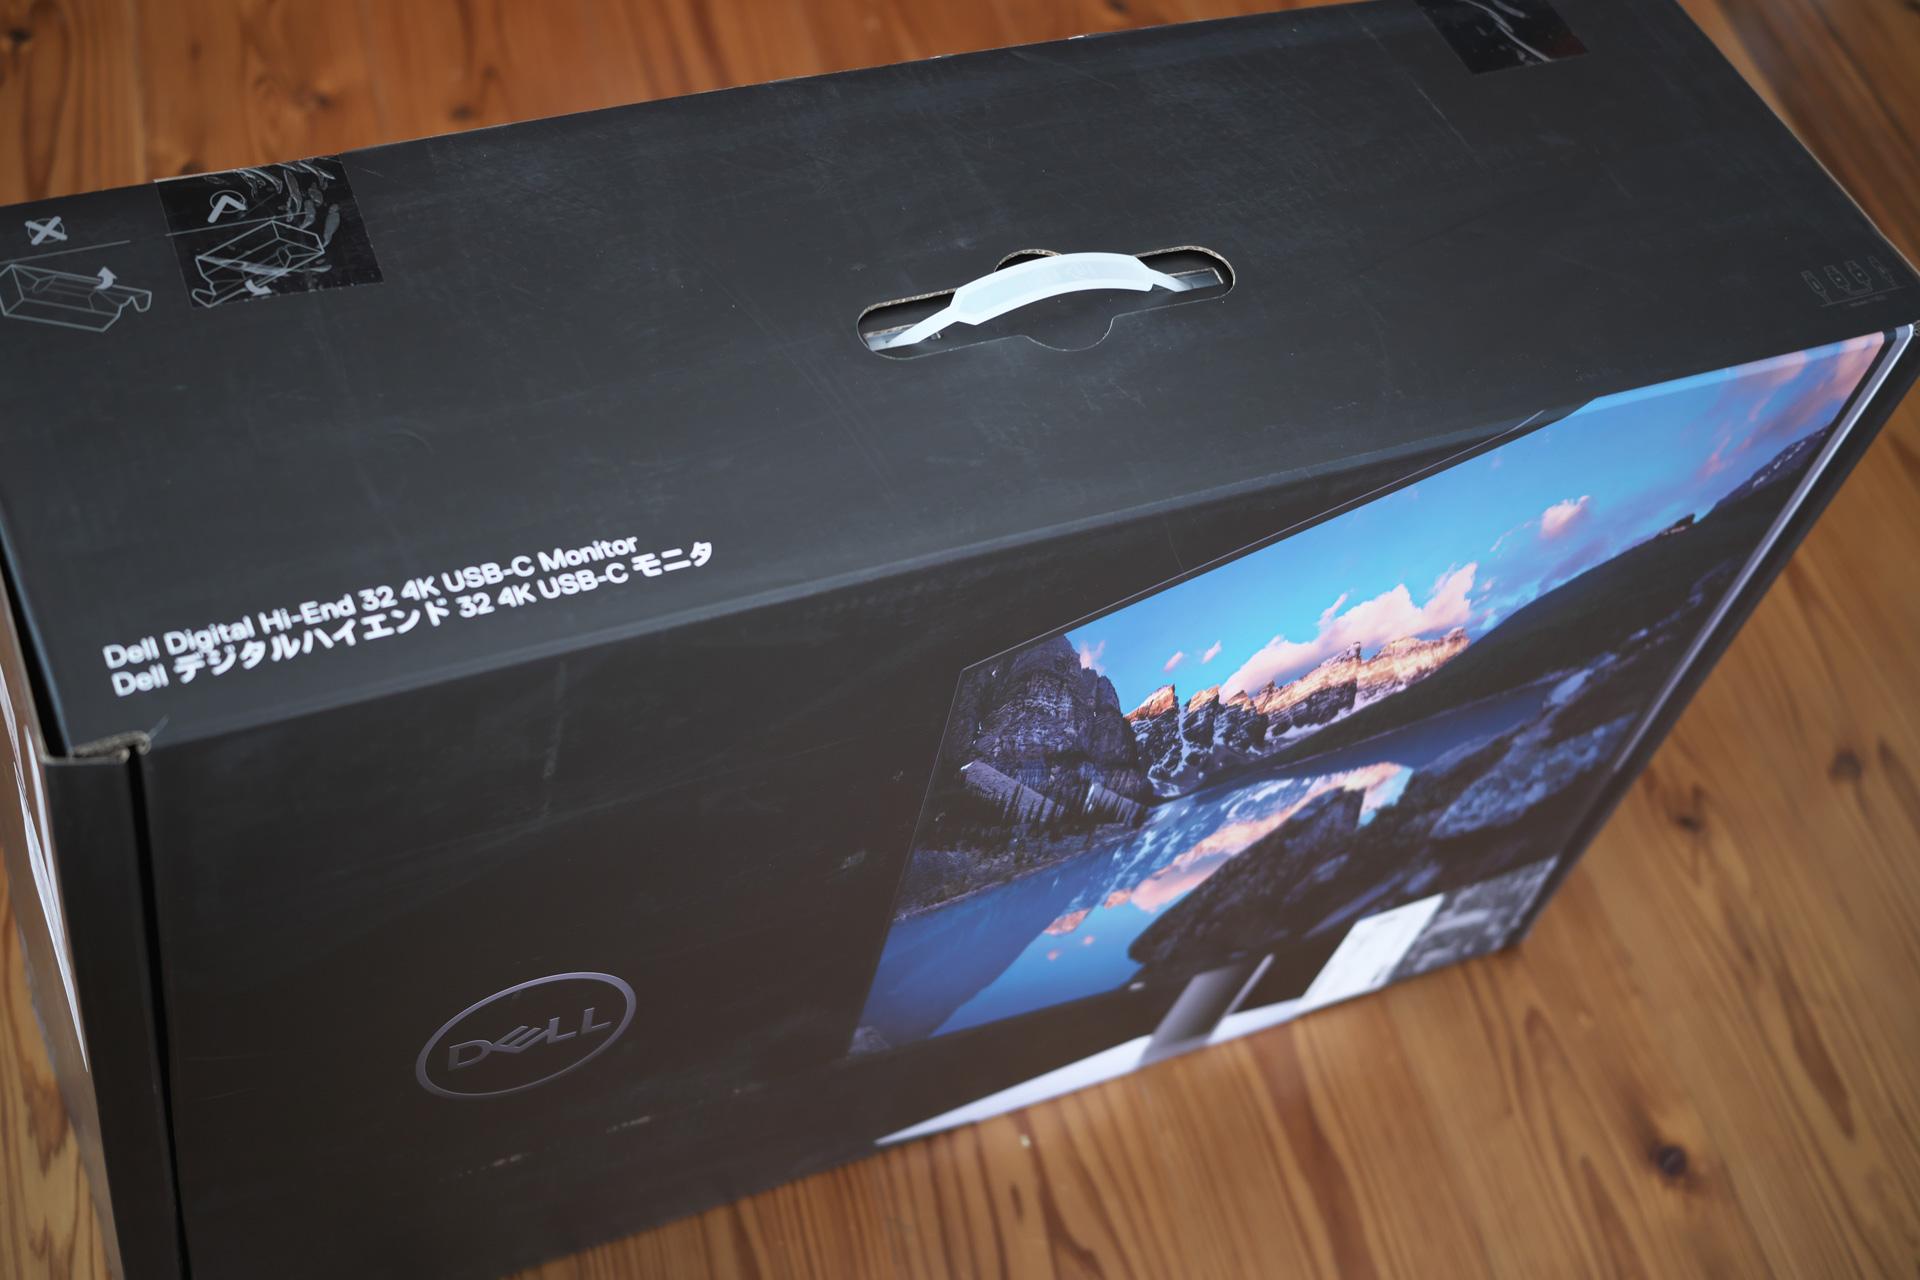 Dellモニター元箱「U3219Q 31.5インチ 4K HDR USBーC / IPS」